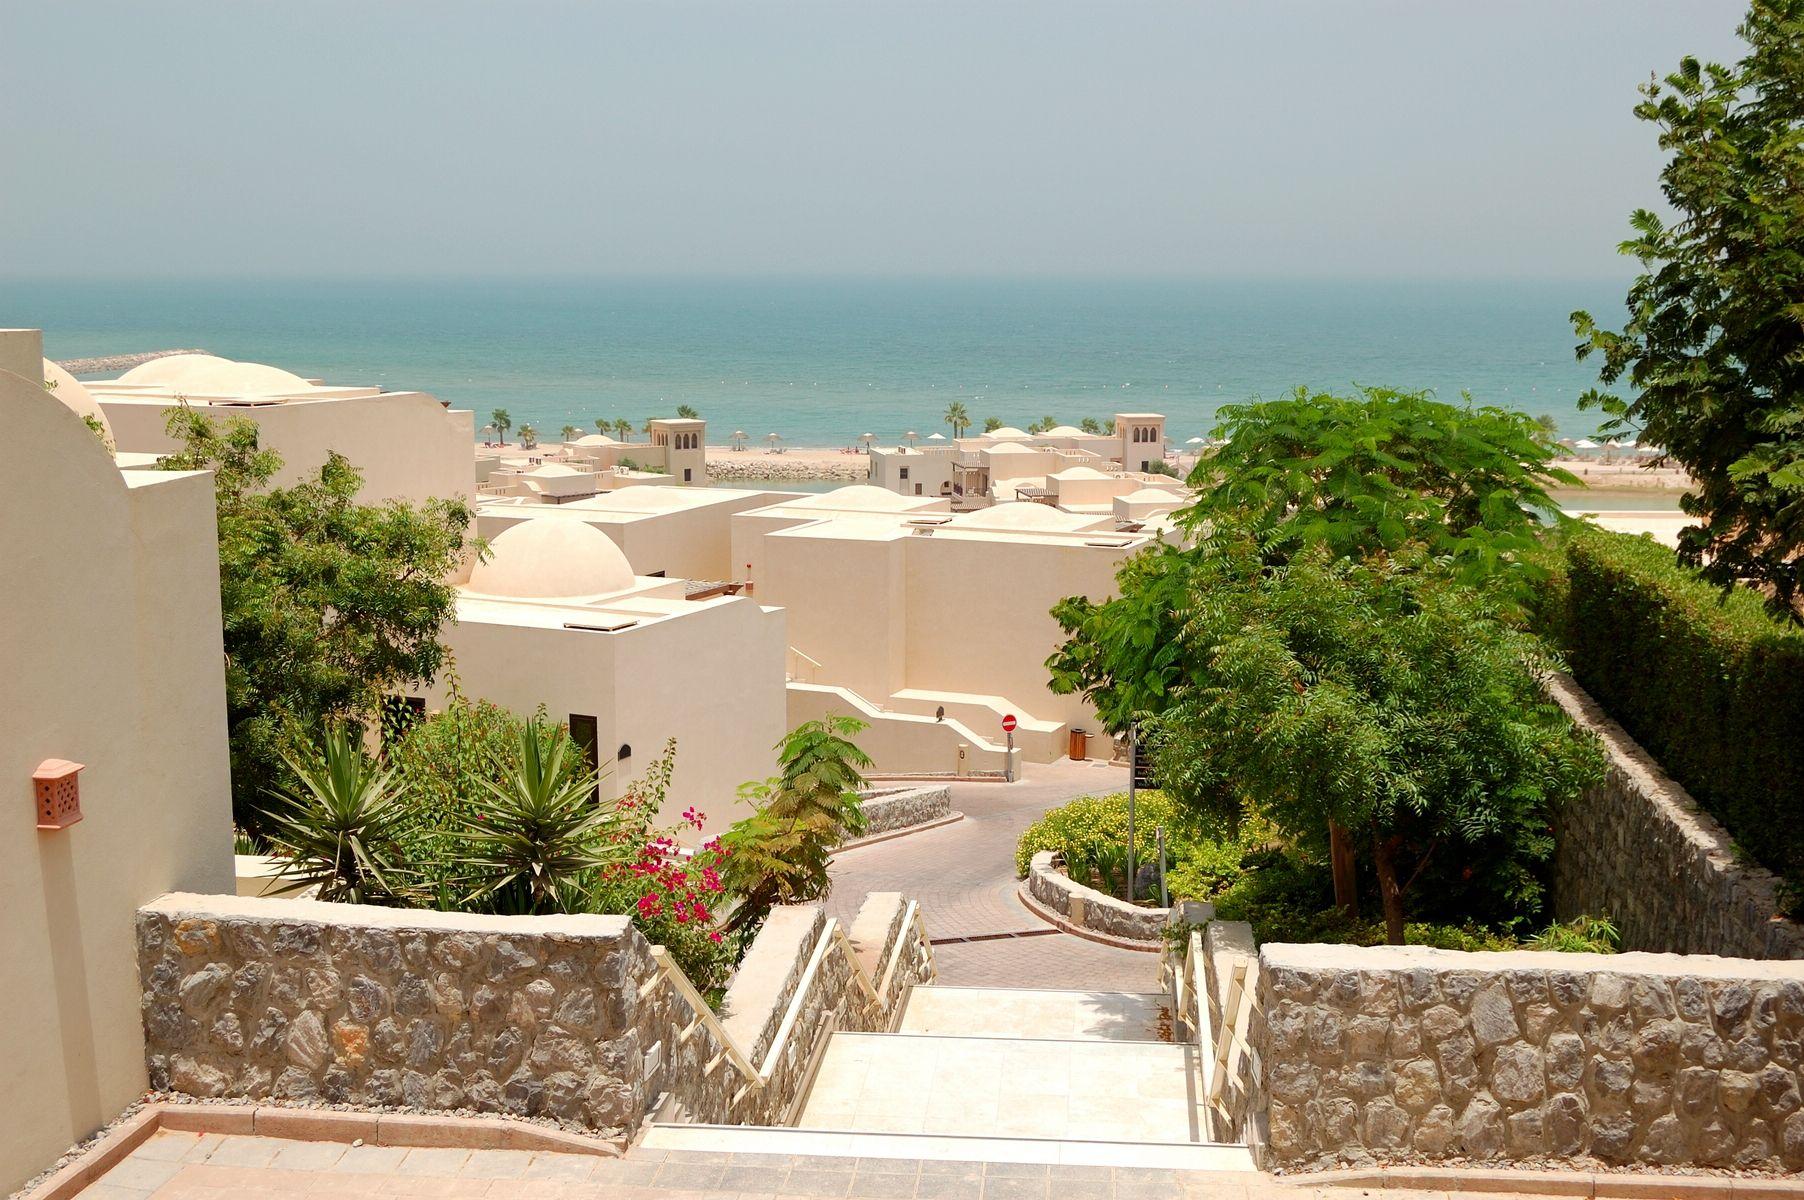 Виллы Рас-Аль-Хайма Аль Кор где разместить объявление о продаже зарубежной недвижимости